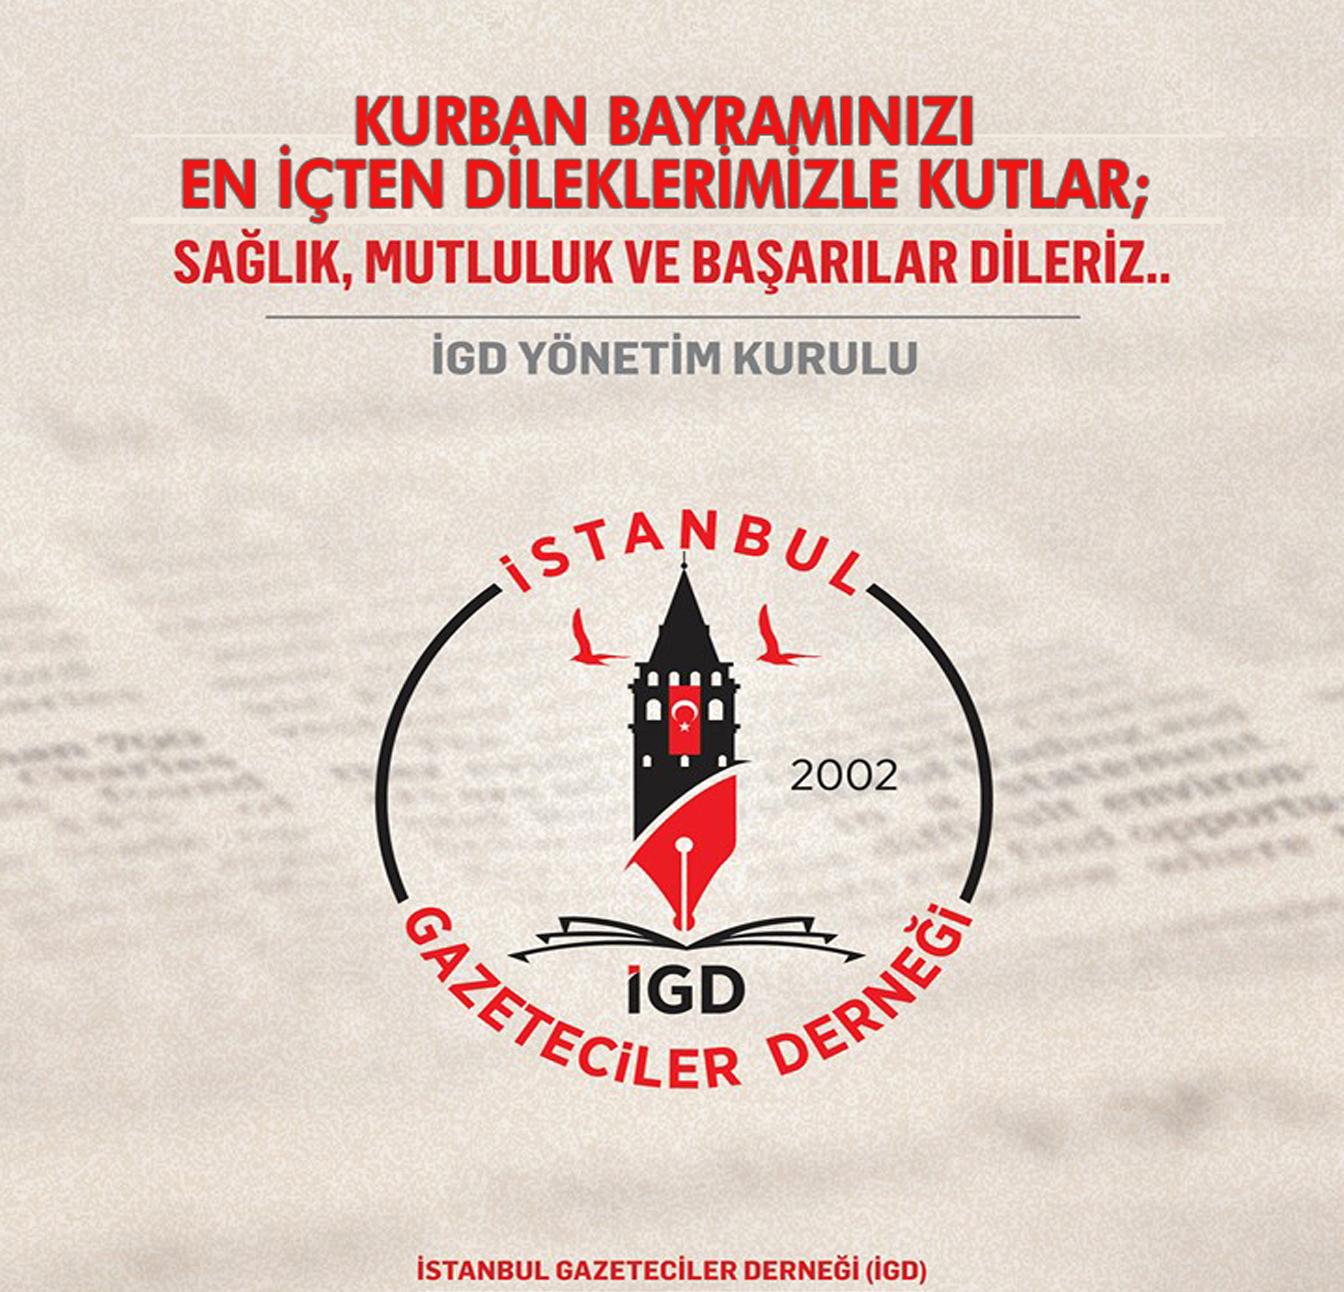 İstanbul Gazeteciler Derneğinden Kurban Bayramı Kutlama mesajı